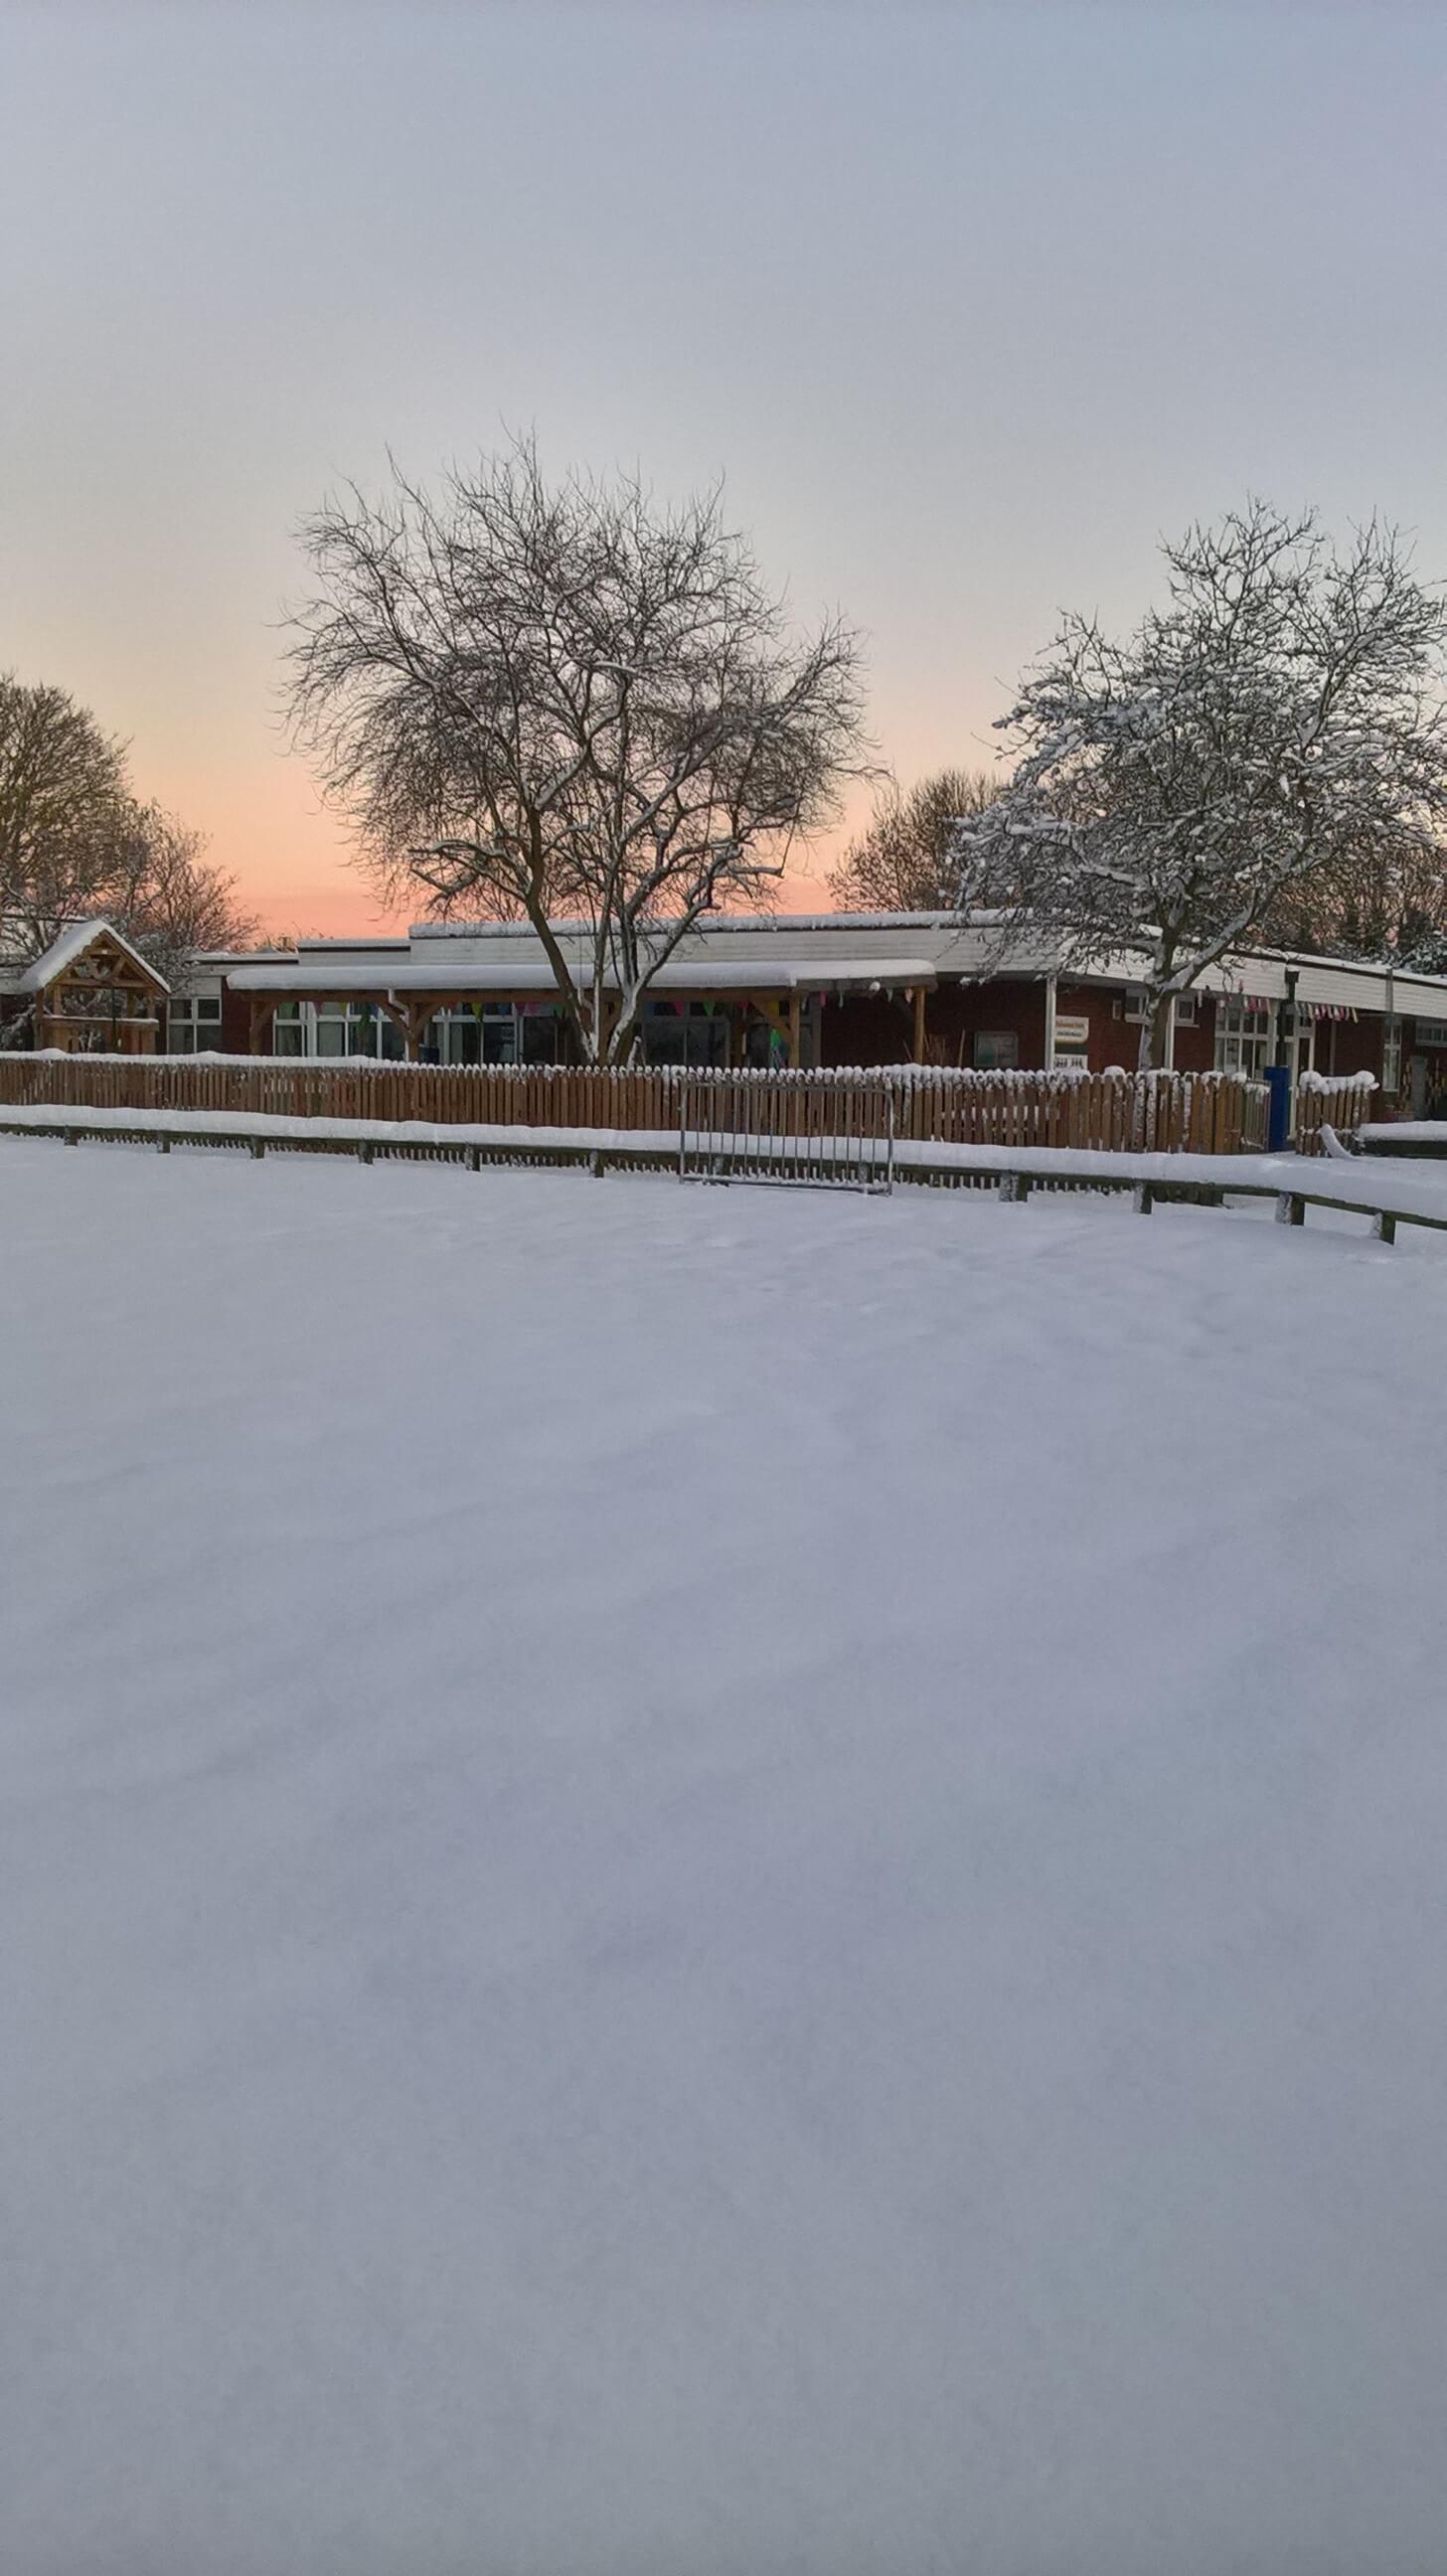 Snowy Day December 2017